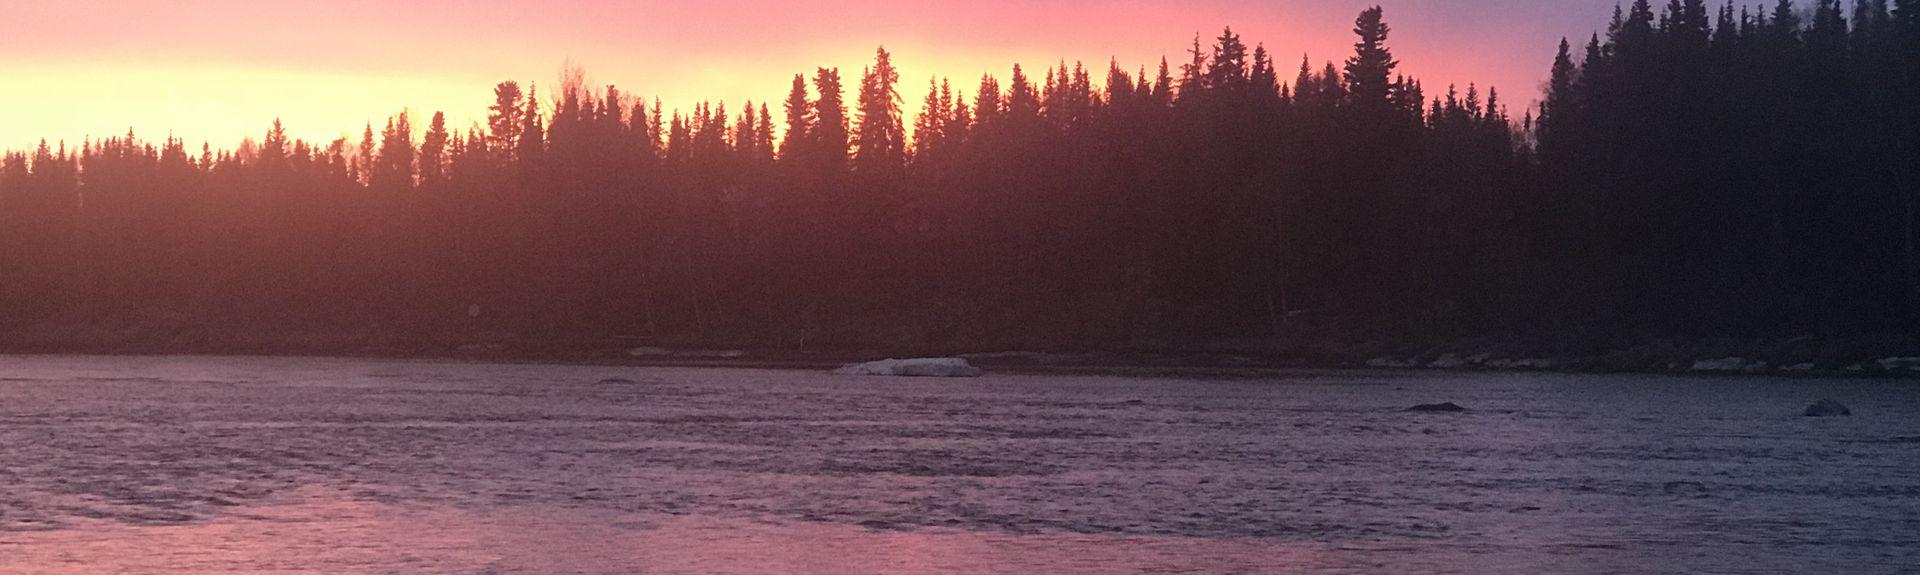 Kenain ranta, Kenai, Alaska, Yhdysvallat